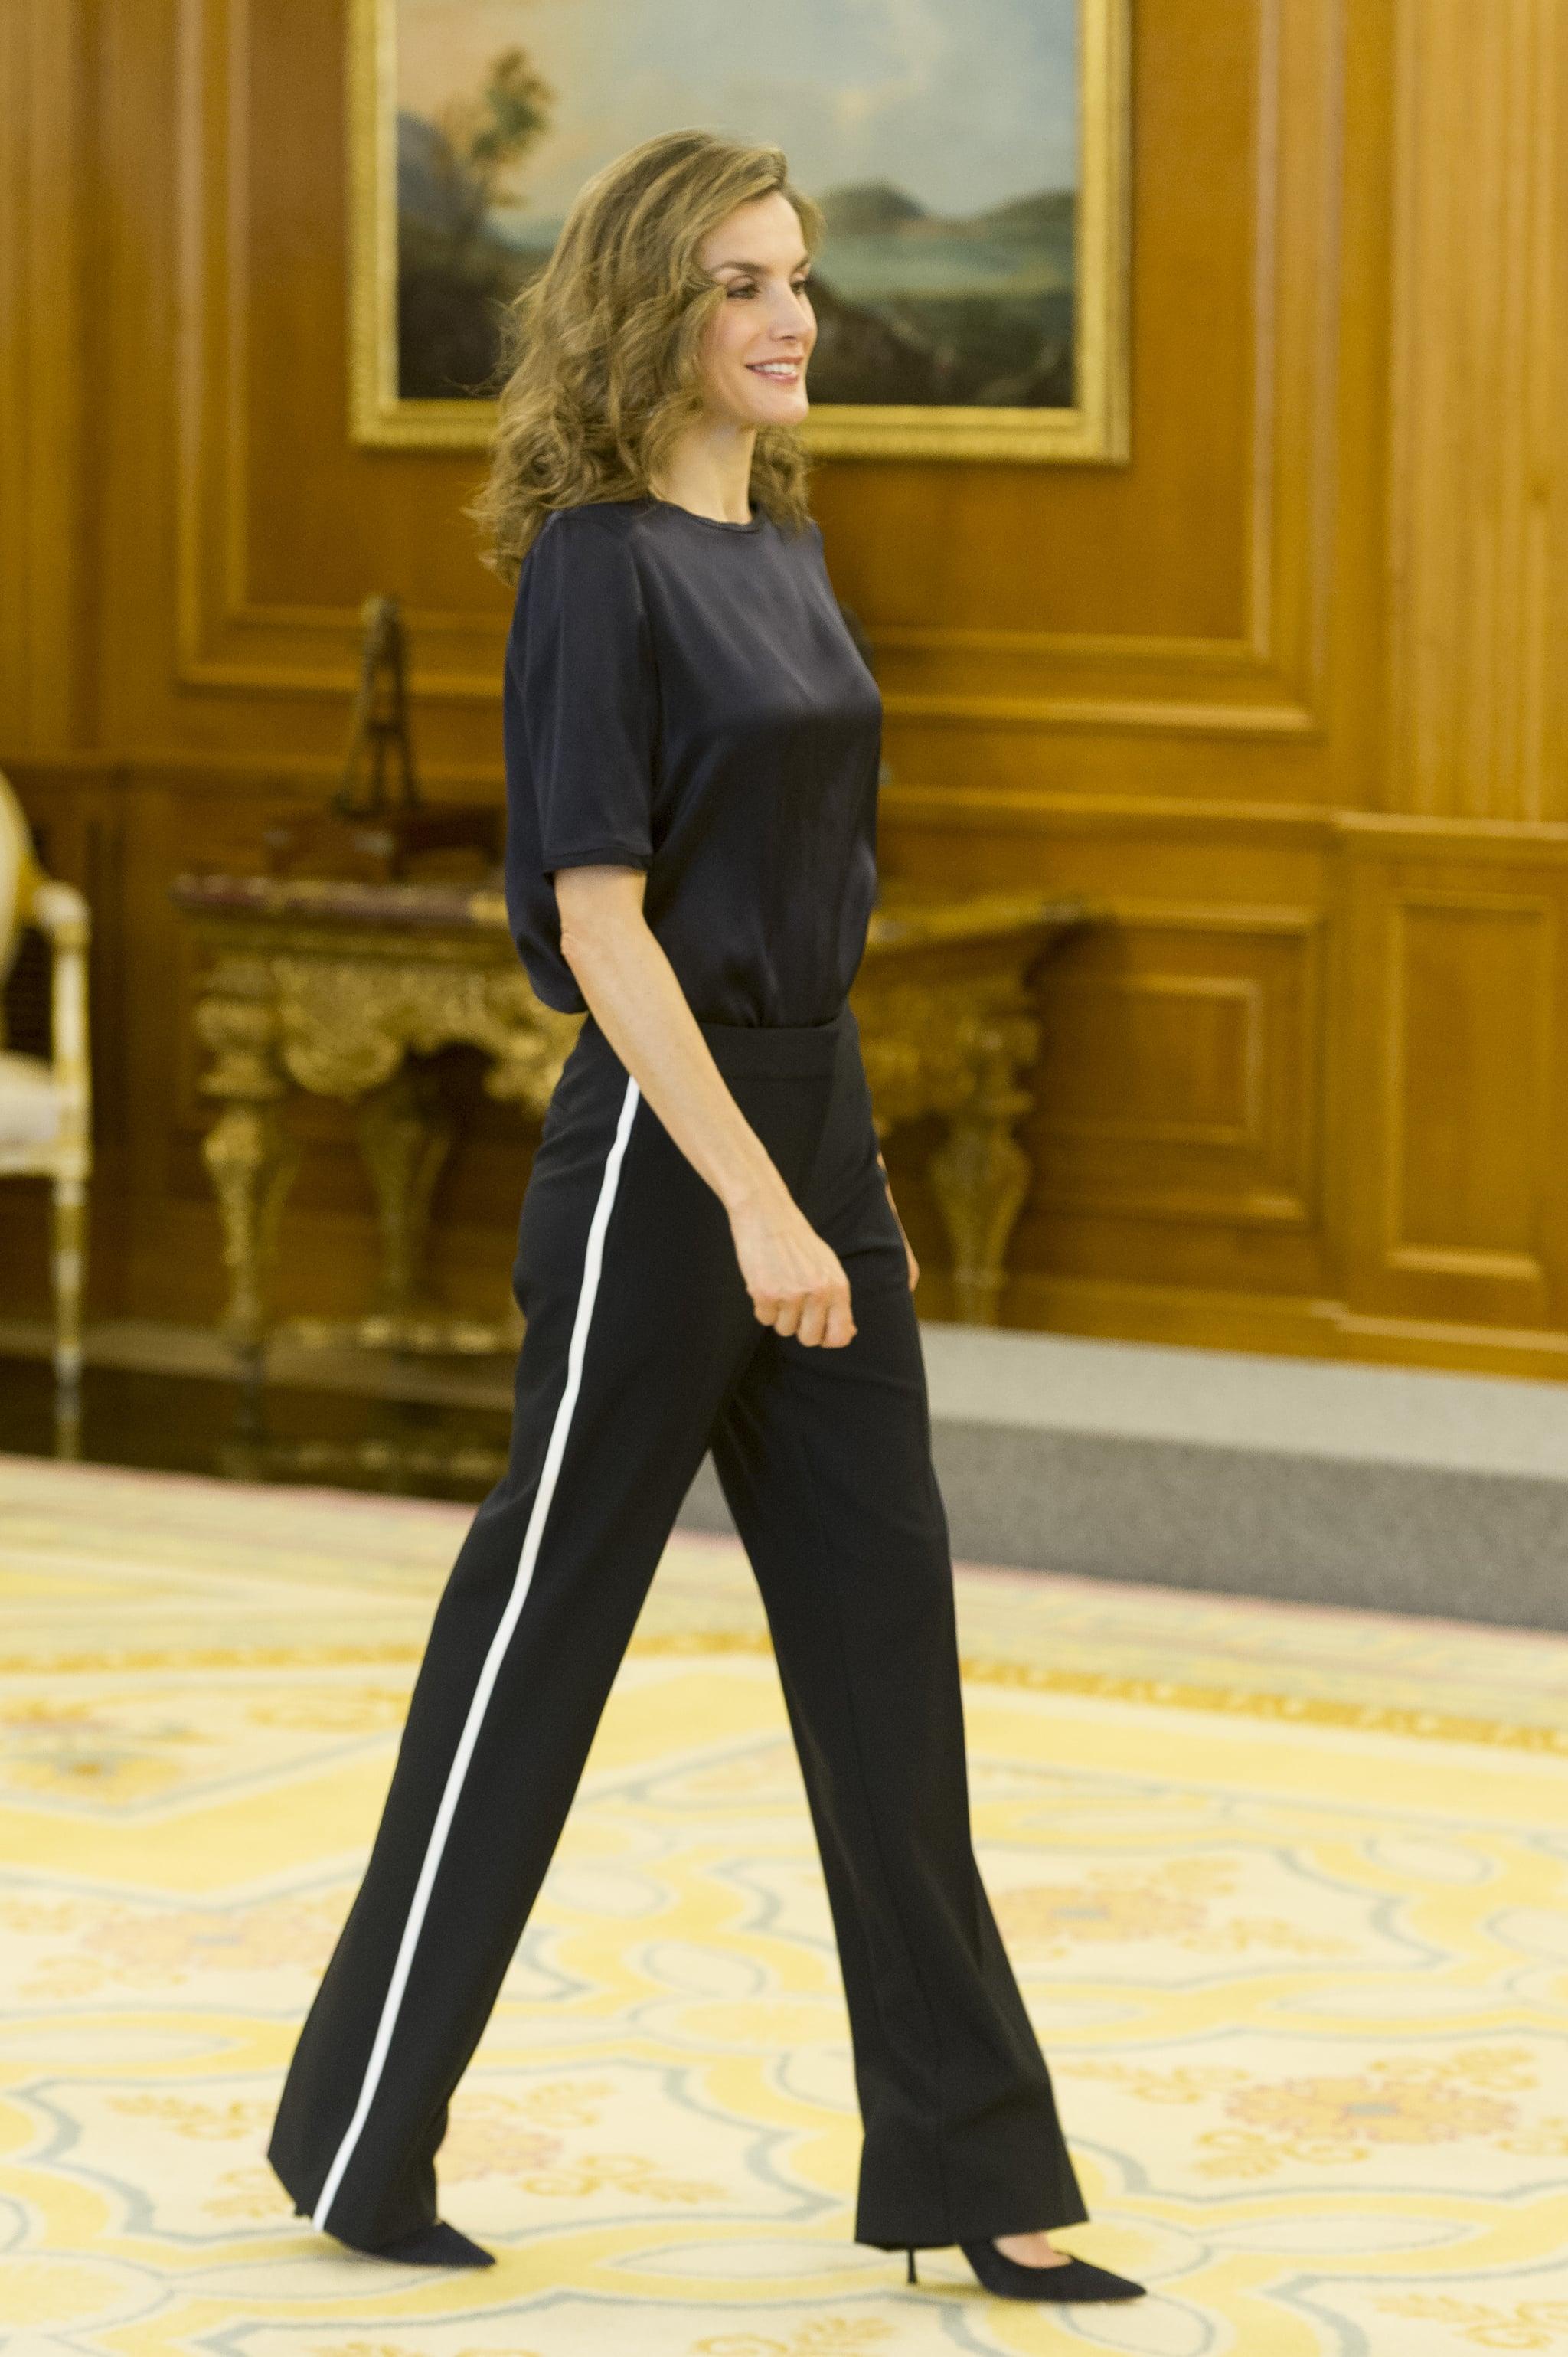 queen letizia u0026 39 s track pants